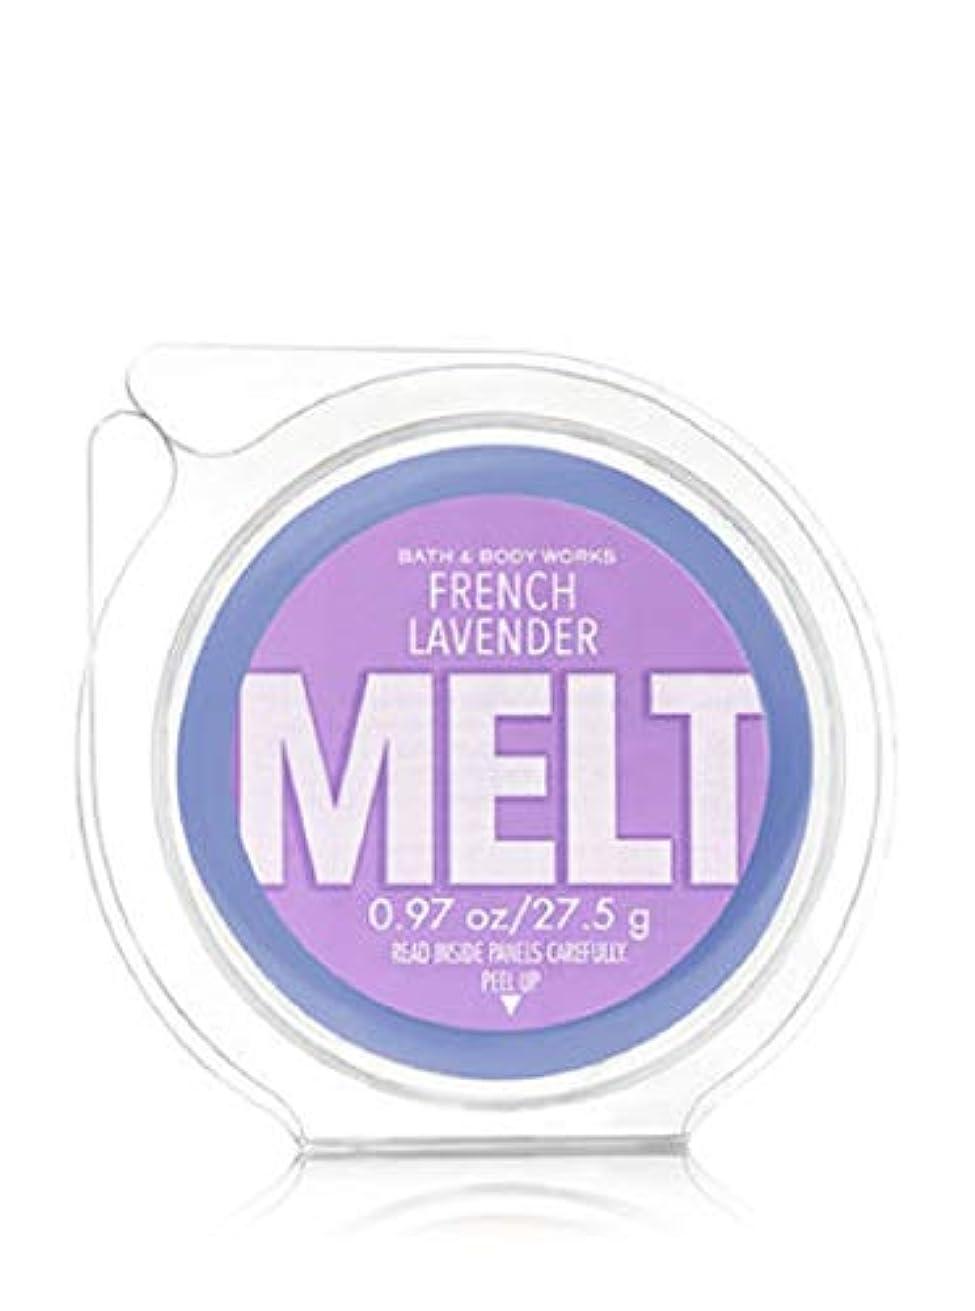 アンティークポンペイ医薬品【Bath&Body Works/バス&ボディワークス】 フレグランスメルト タルト ワックスポプリ フレンチラベンダー Wax Fragrance Melt French Lavender 0.97oz/27.5g